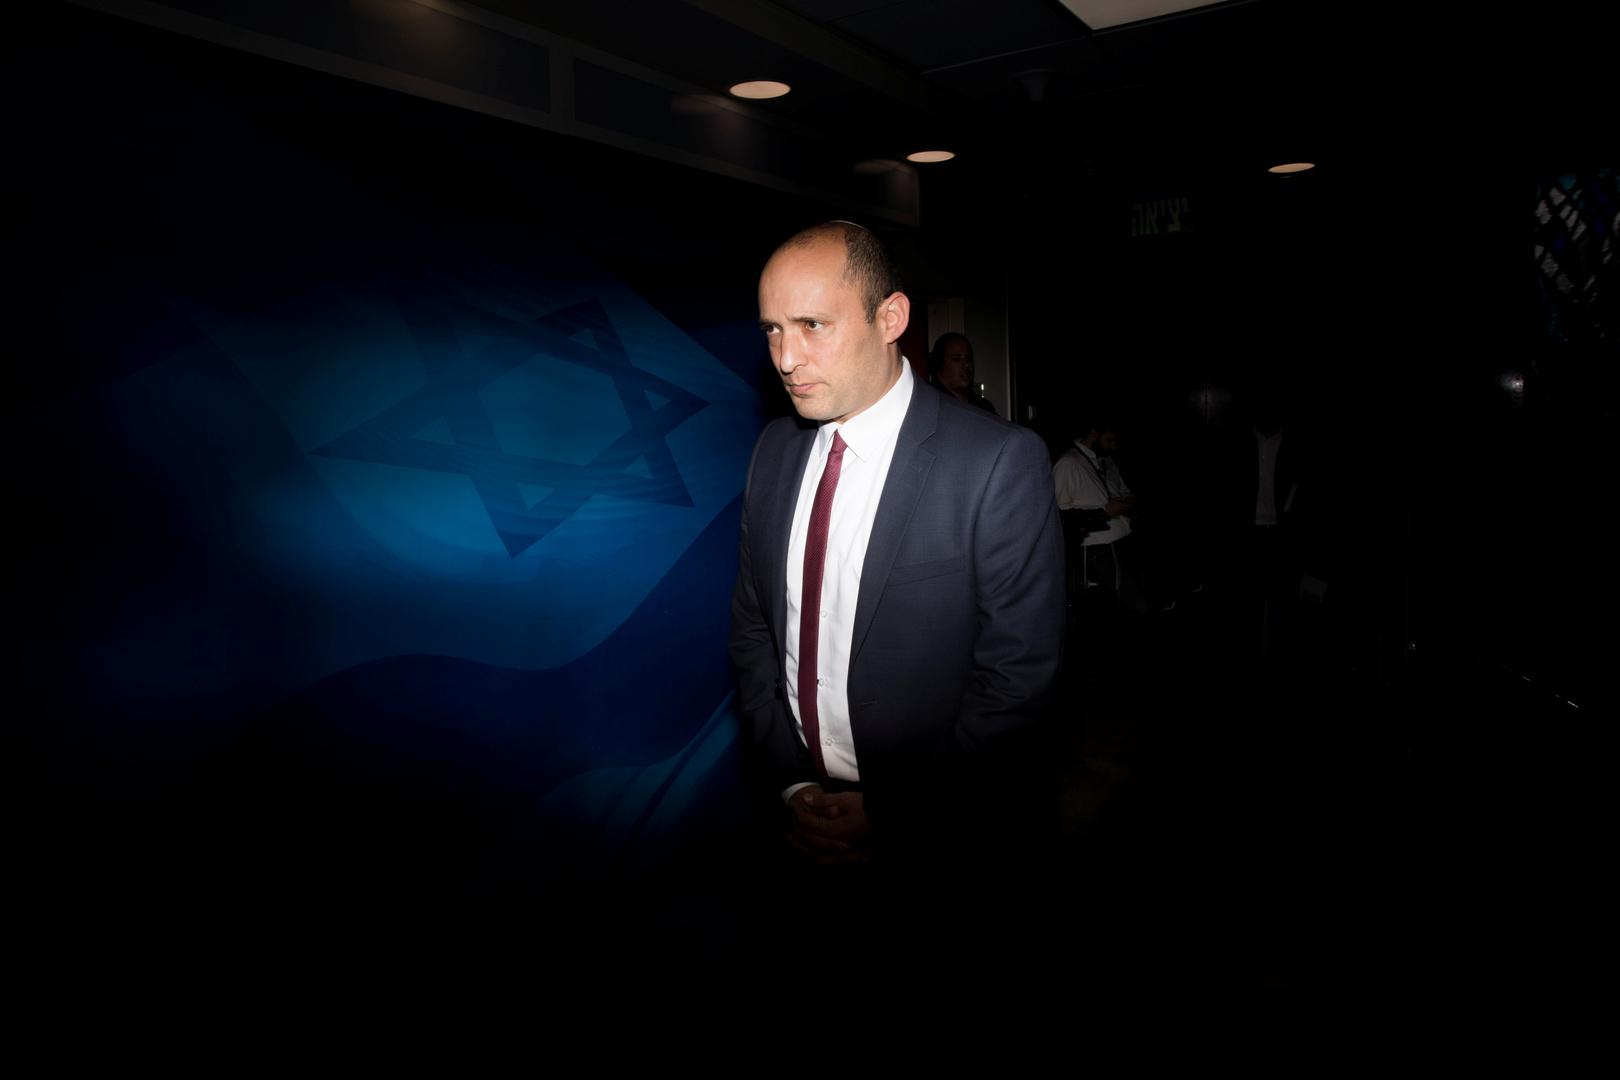 وزير دفاع إسرائيل يبحث مع القادة العسكريين والأمنيين الأوضاع الإقليمية بعد اغتيال سليماني